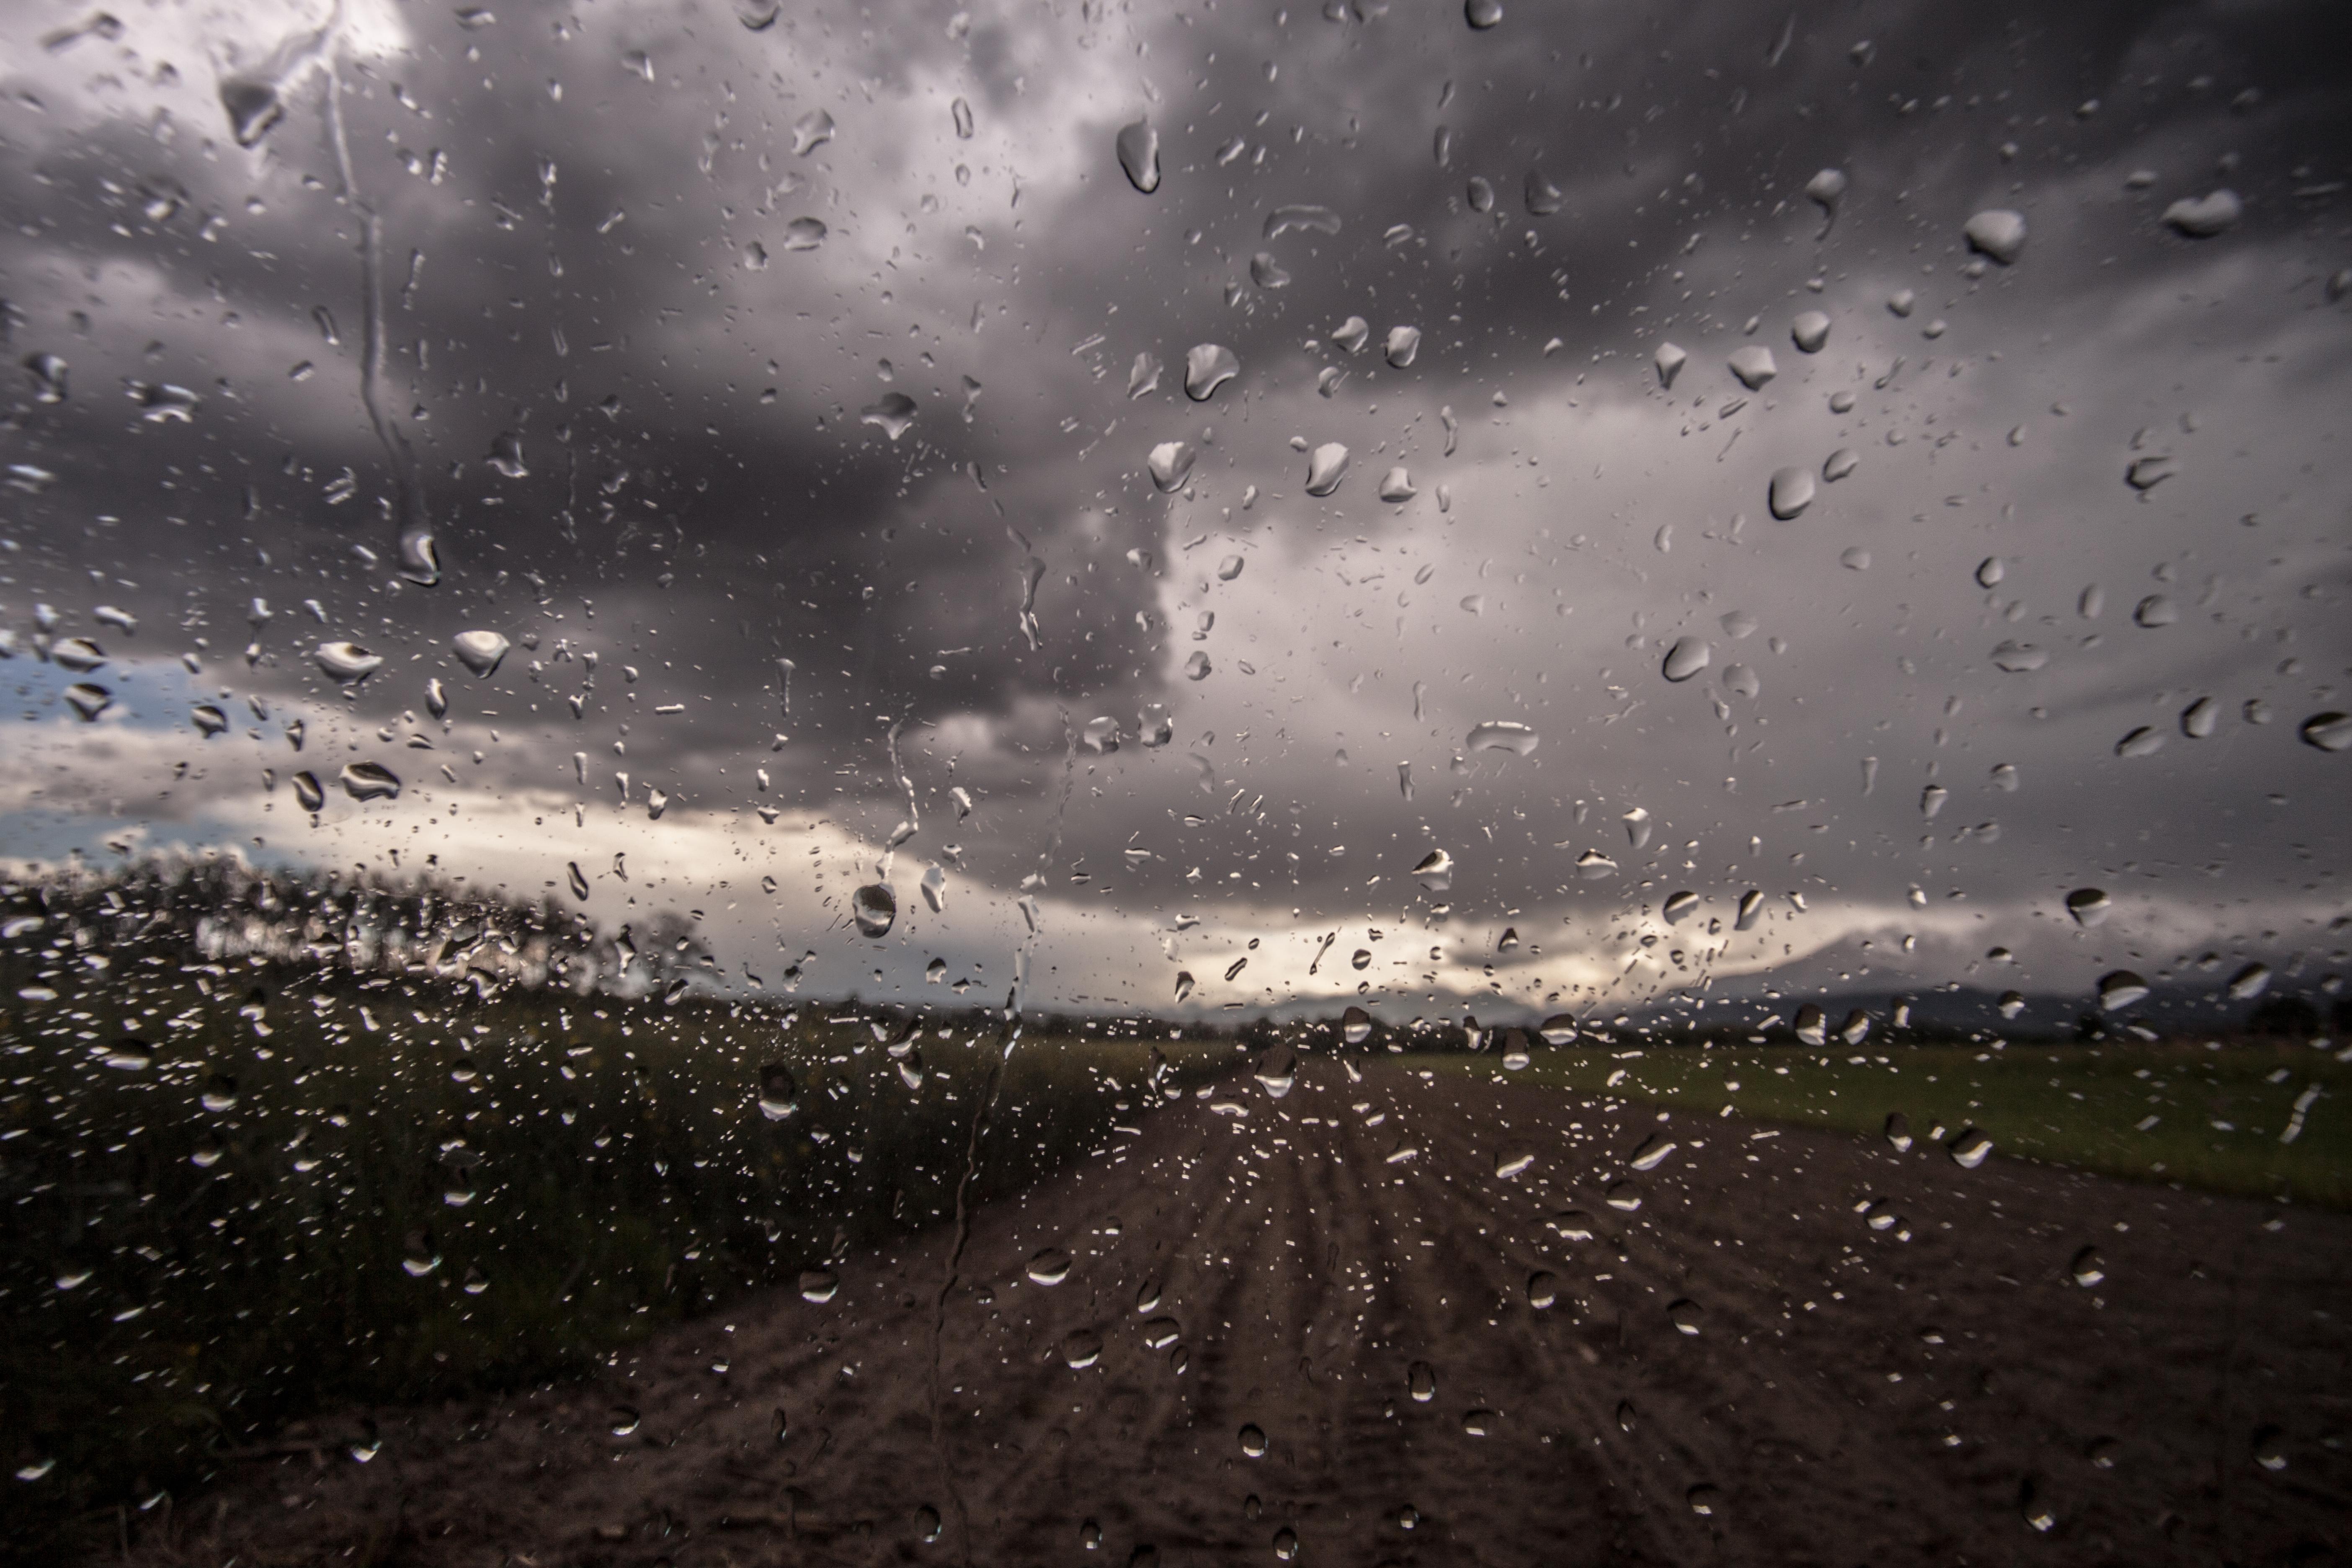 Картинка пасмурный день с дождем